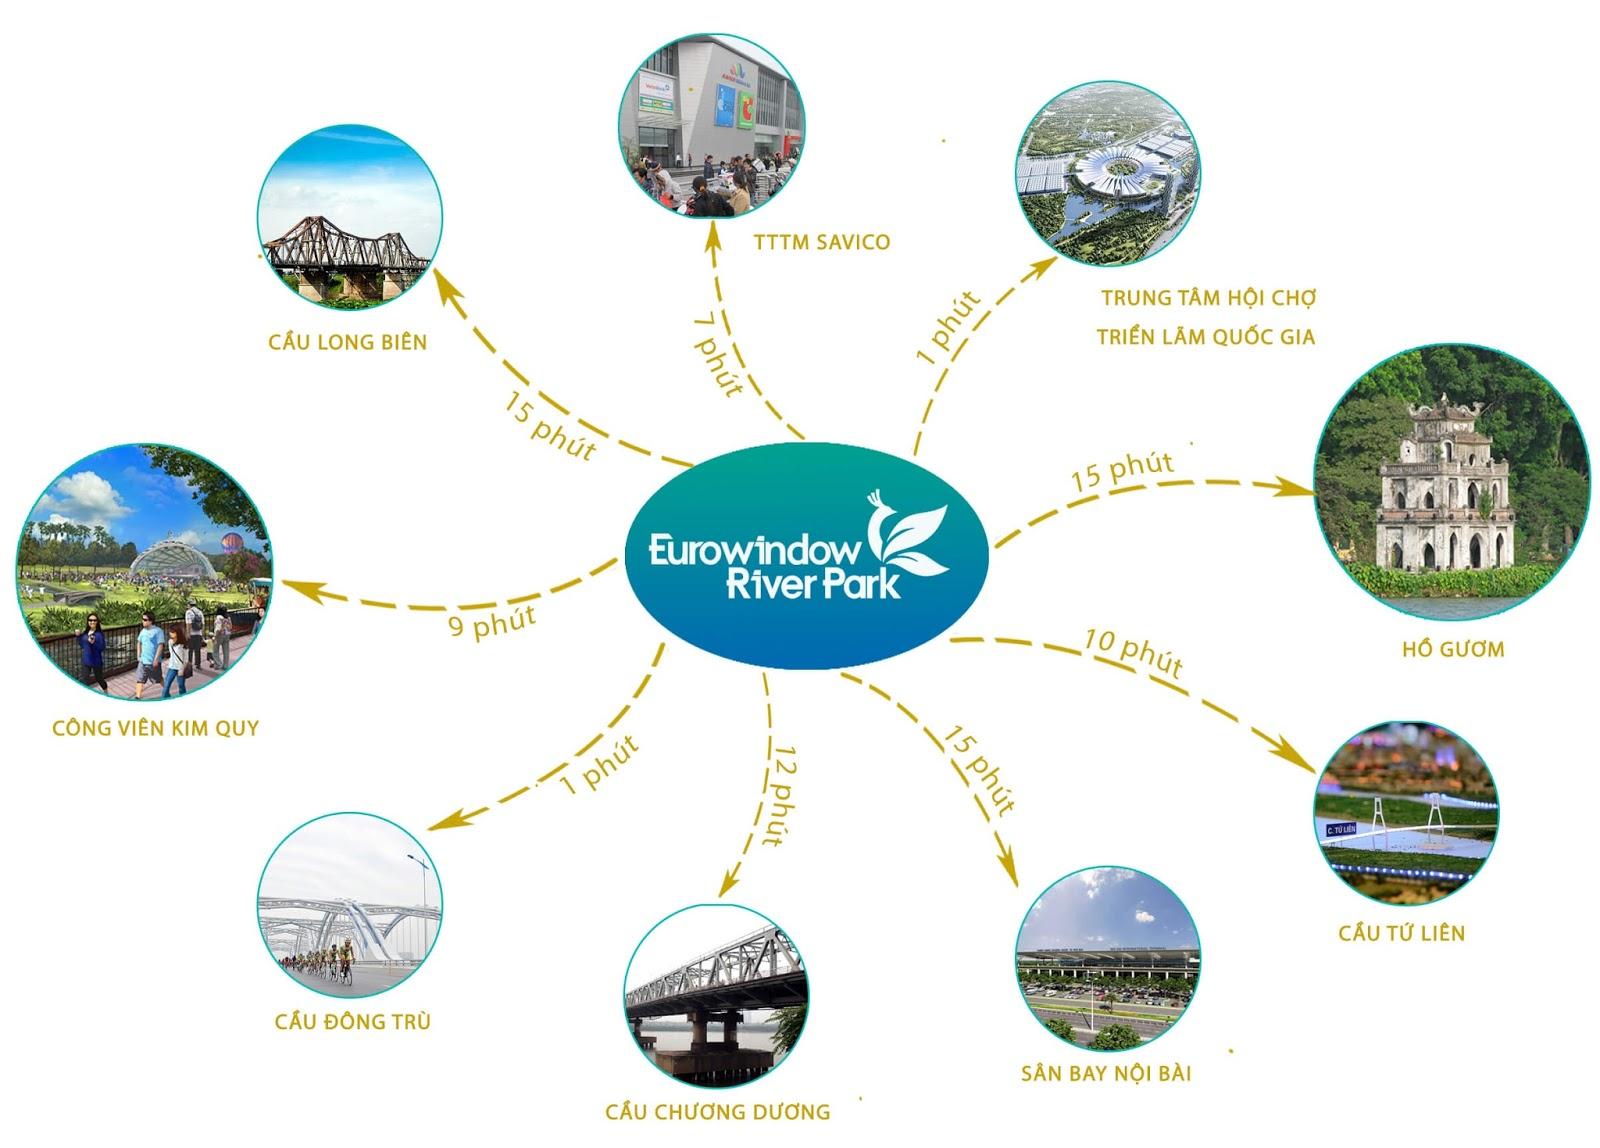 Tiện ích khu vực tại dự án chung cư Eurowindow River Park